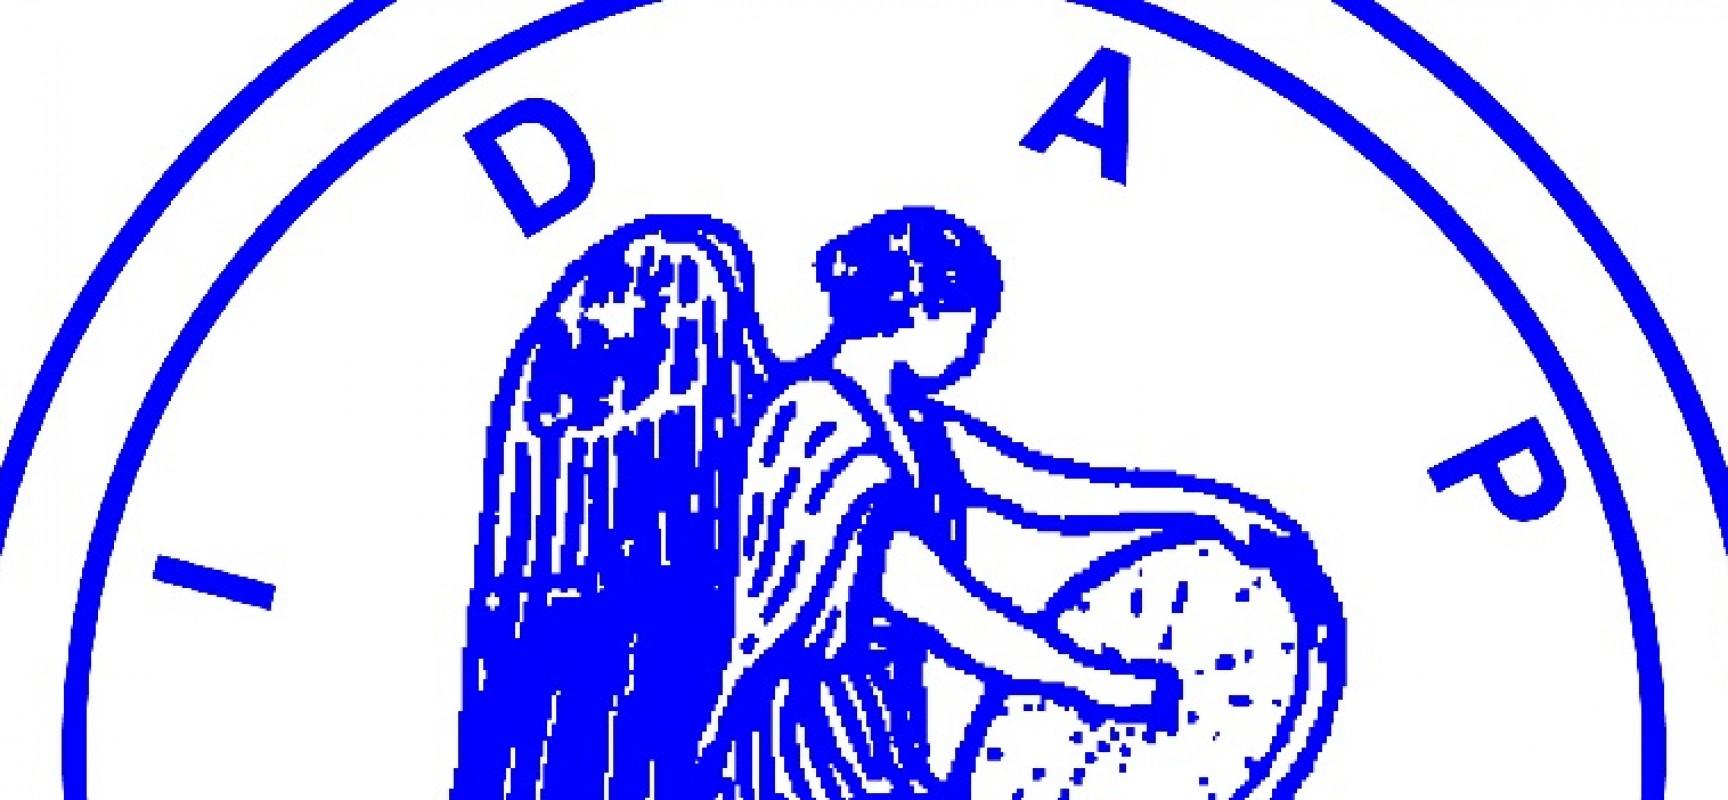 Quarant'anni di Fidapa, il bilancio dell'associazione